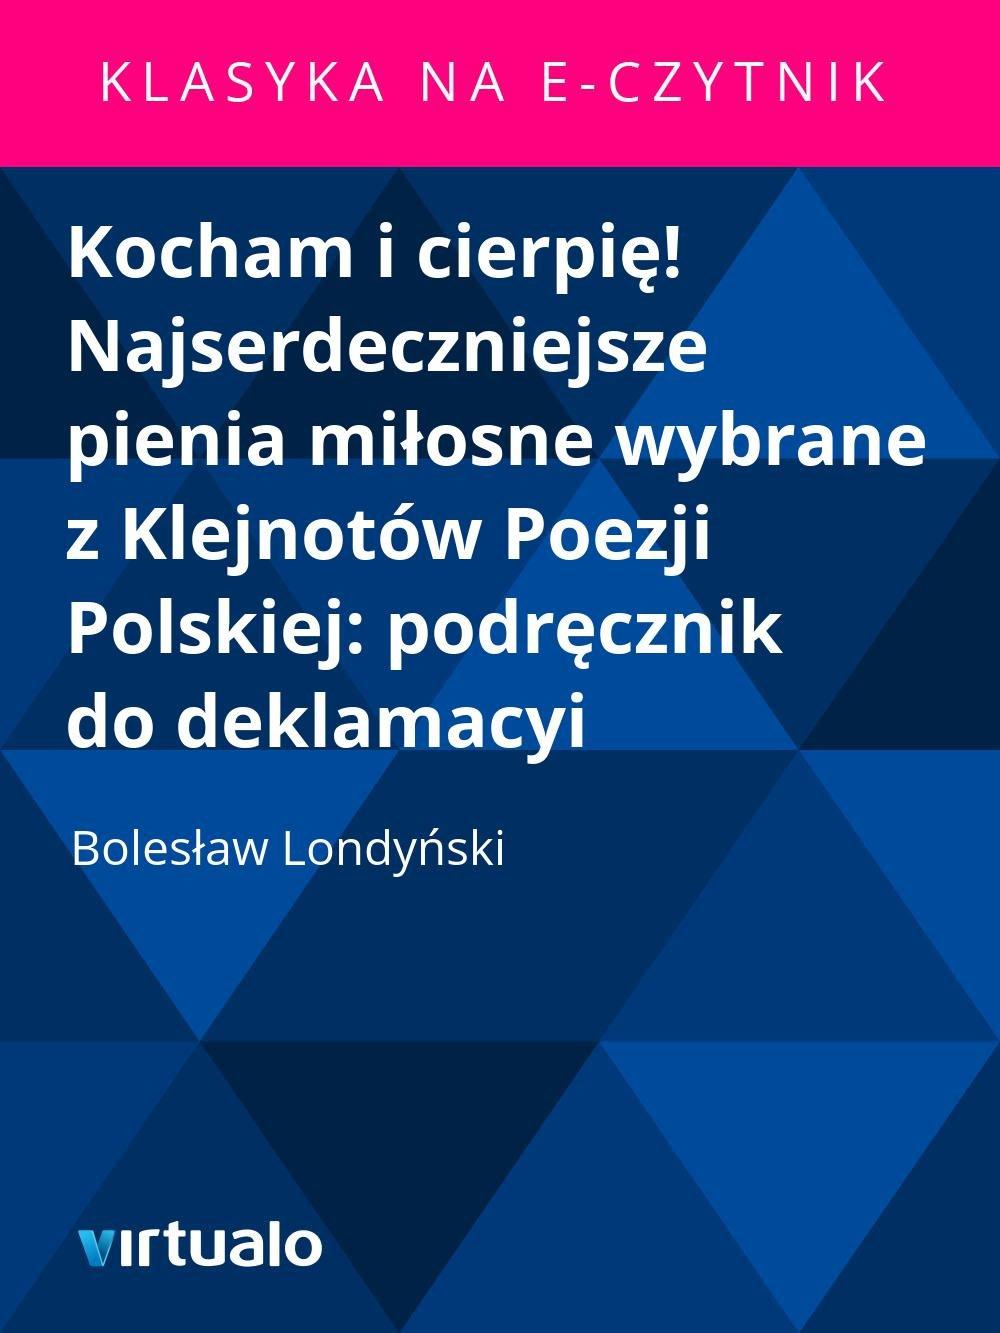 Kocham i cierpię! Najserdeczniejsze pienia miłosne wybrane z Klejnotów Poezji Polskiej: podręcznik do deklamacyi - Ebook (Książka EPUB) do pobrania w formacie EPUB